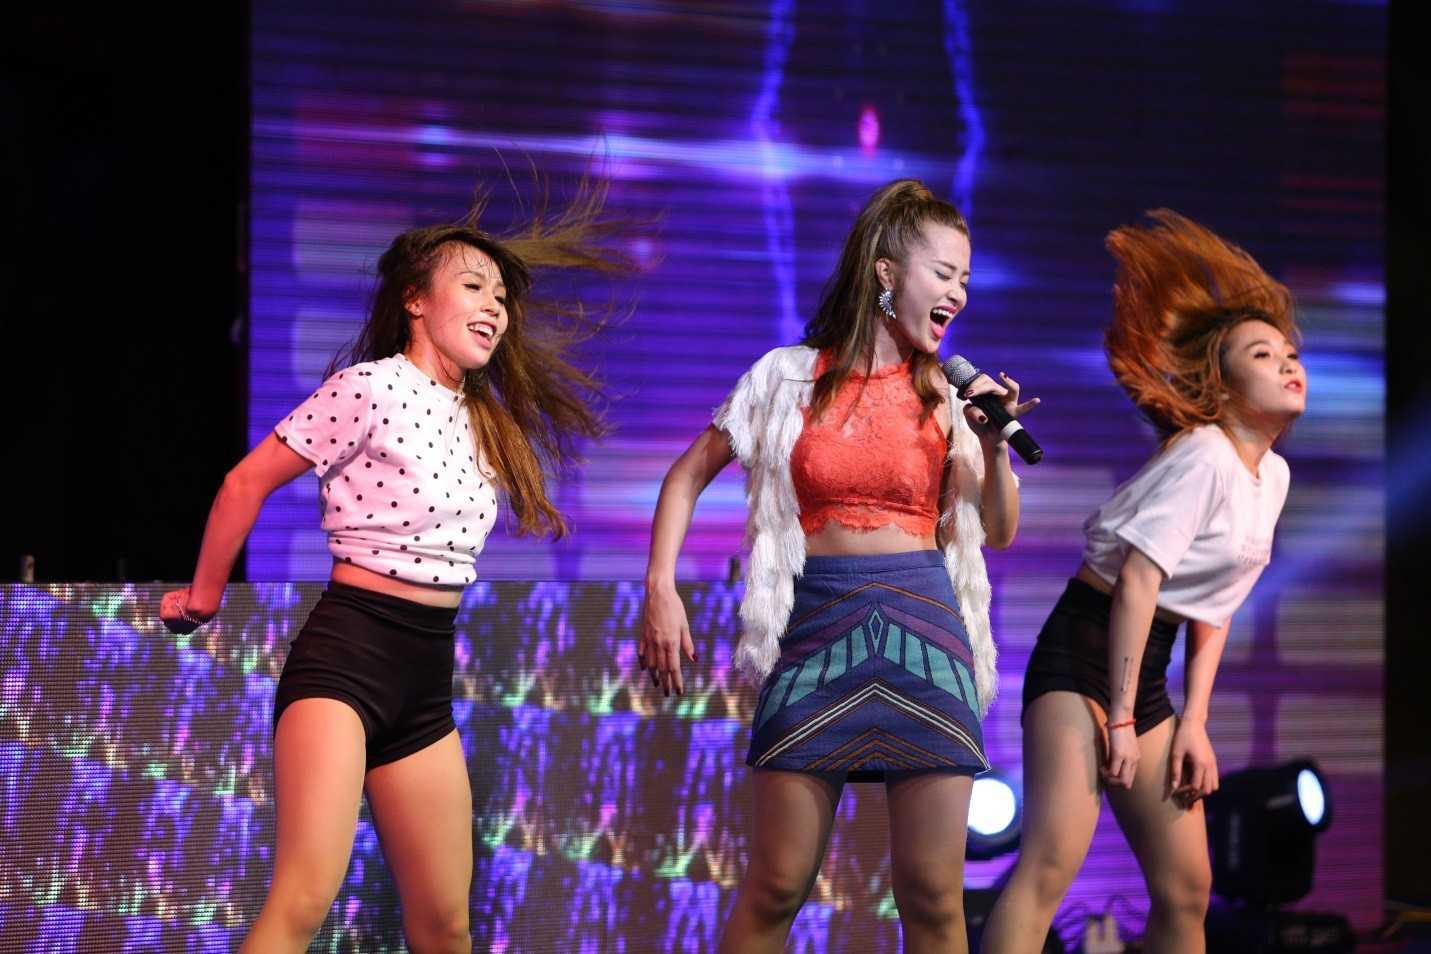 Đêm đại tiệc như vỡ òa với sự xuất hiện của ca sĩ Đông Nhi – Giải đặc biệt The Remix 2015